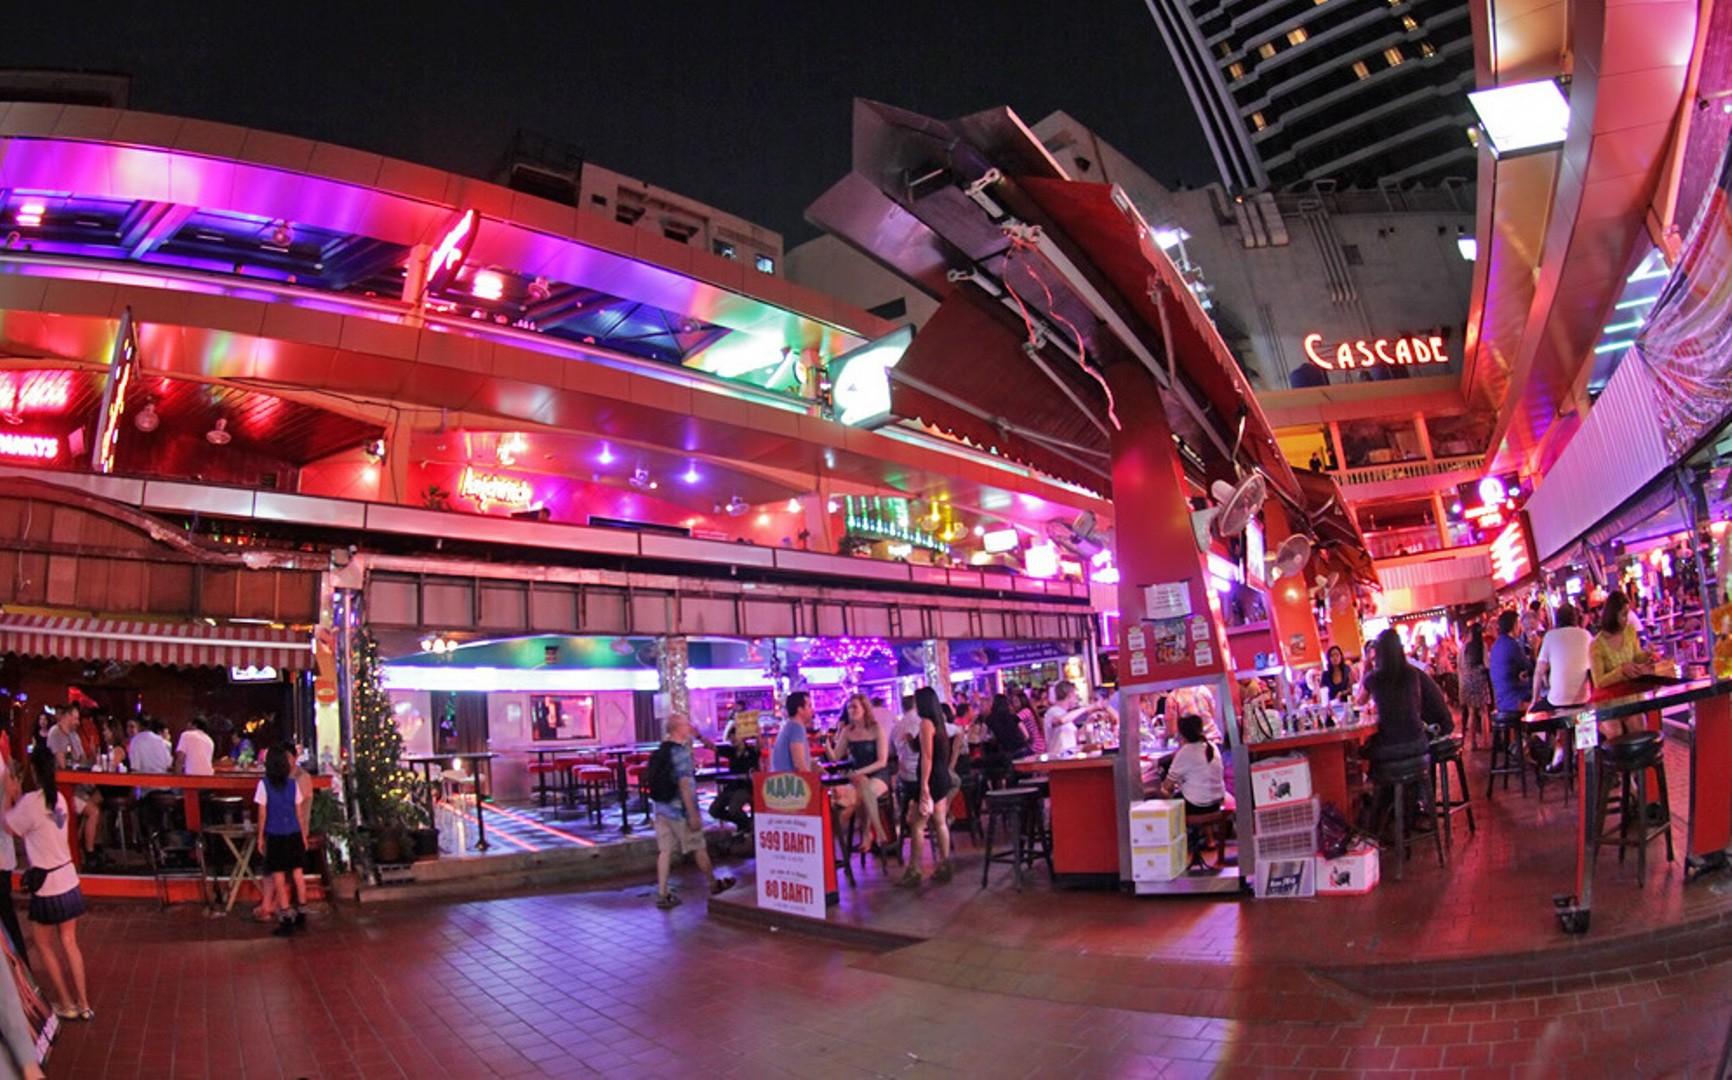 タイ 個人的 楽しかった スポット ナナプラザ